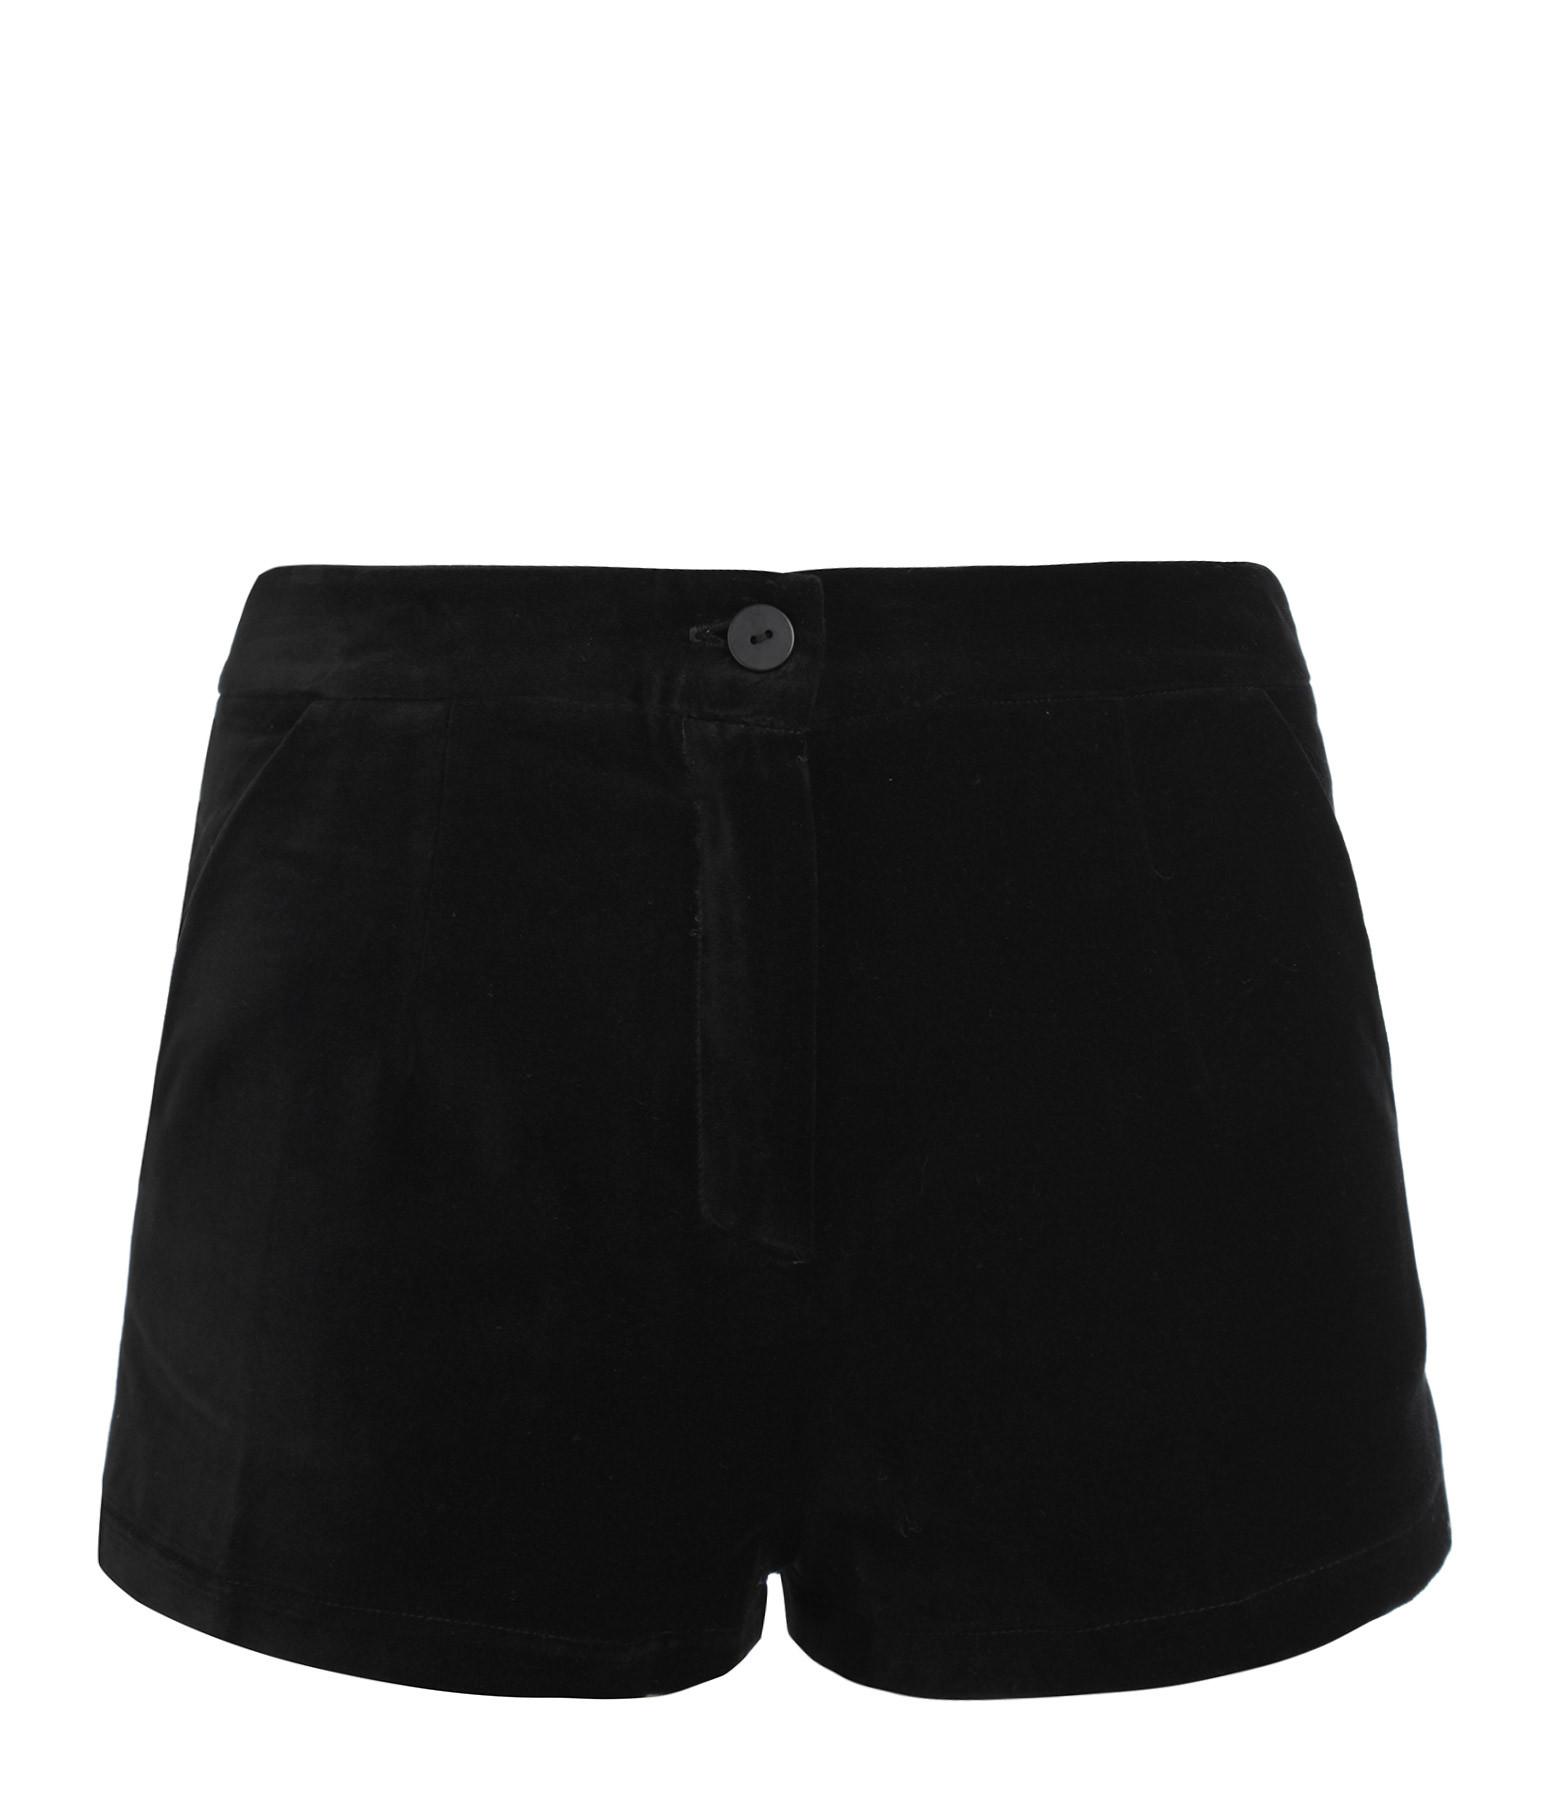 MODETROTTER - Short Elio Coton Pitten Noir